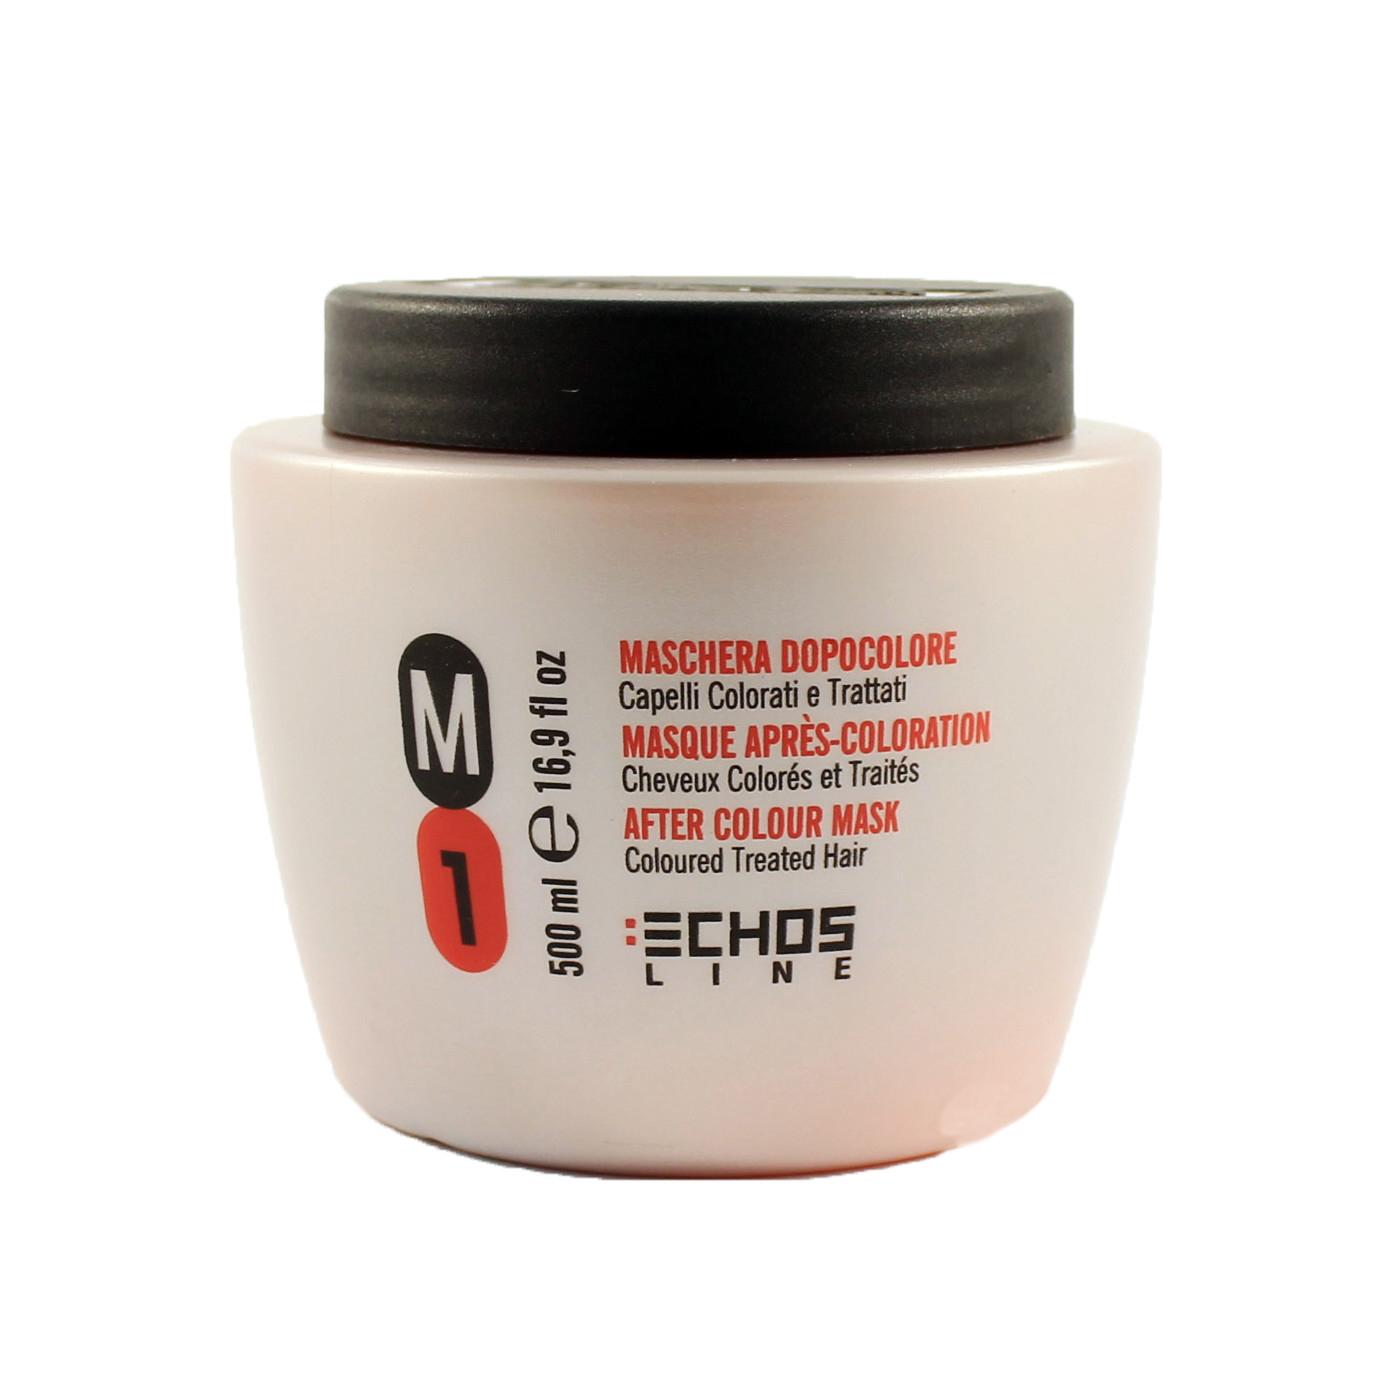 echosline Маска Echosline M1 для окрашенных и поврежденных волос 500 мл 13740